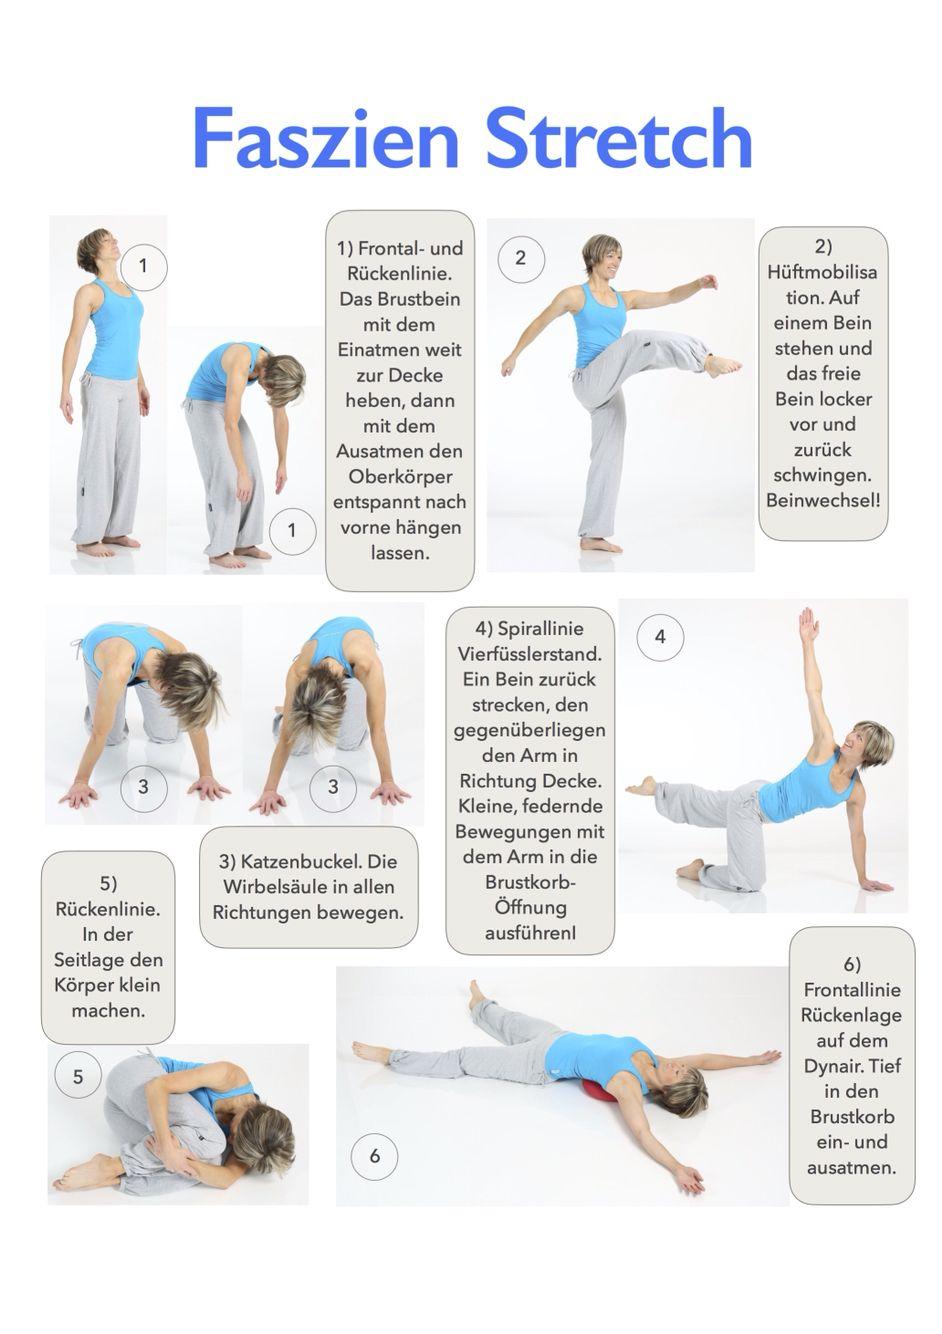 Faszien Stretch: Langsam oder schnell, alle möglichen ...